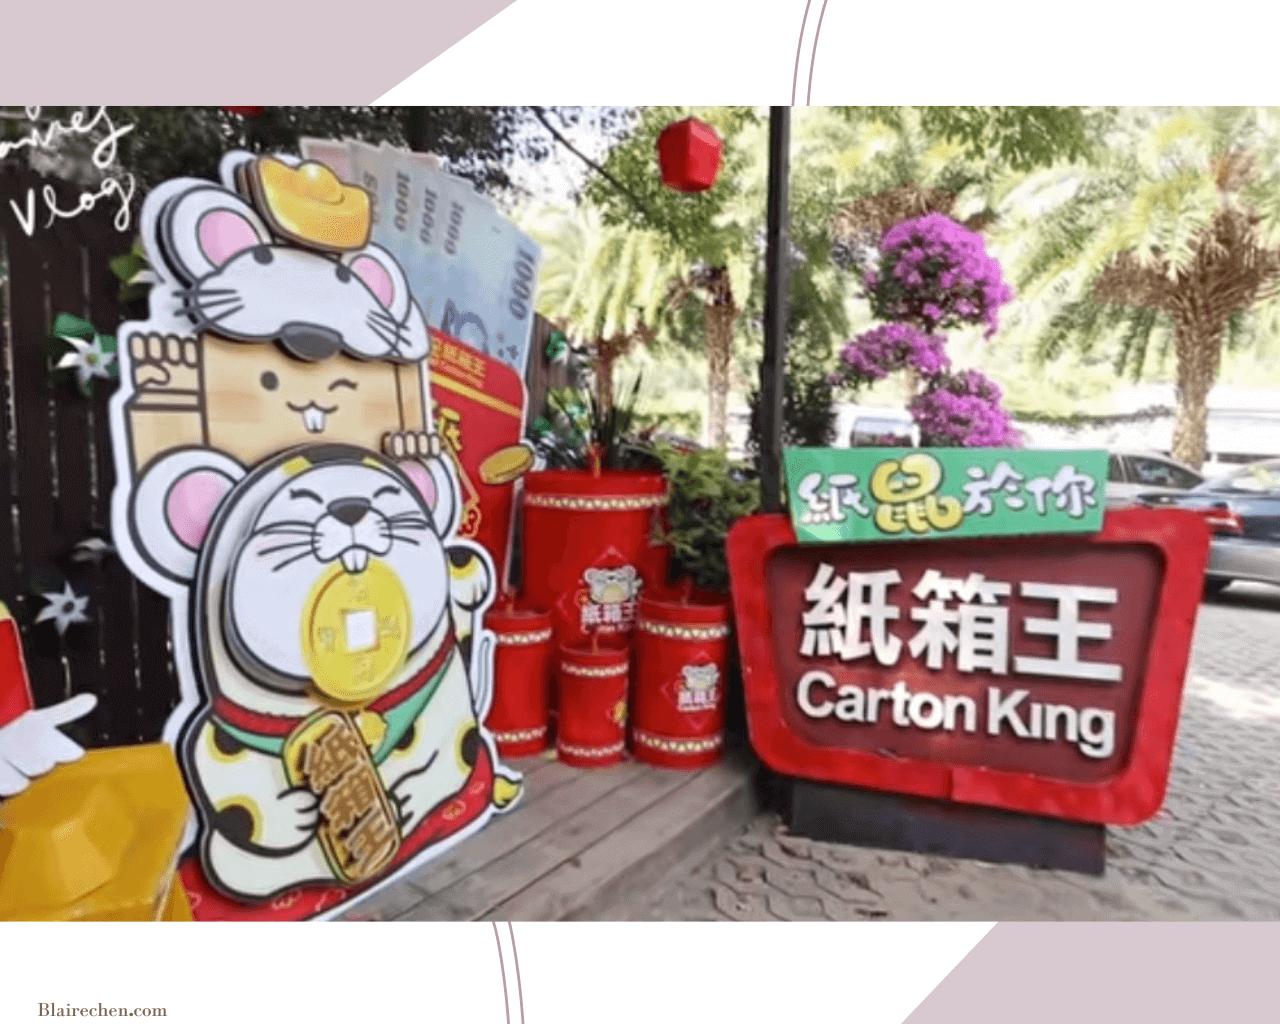 【跟我一起瘋國旅】 關於台中人的記憶,舊商圈重遊,嗨玩台中,來場叛逆的旅行!